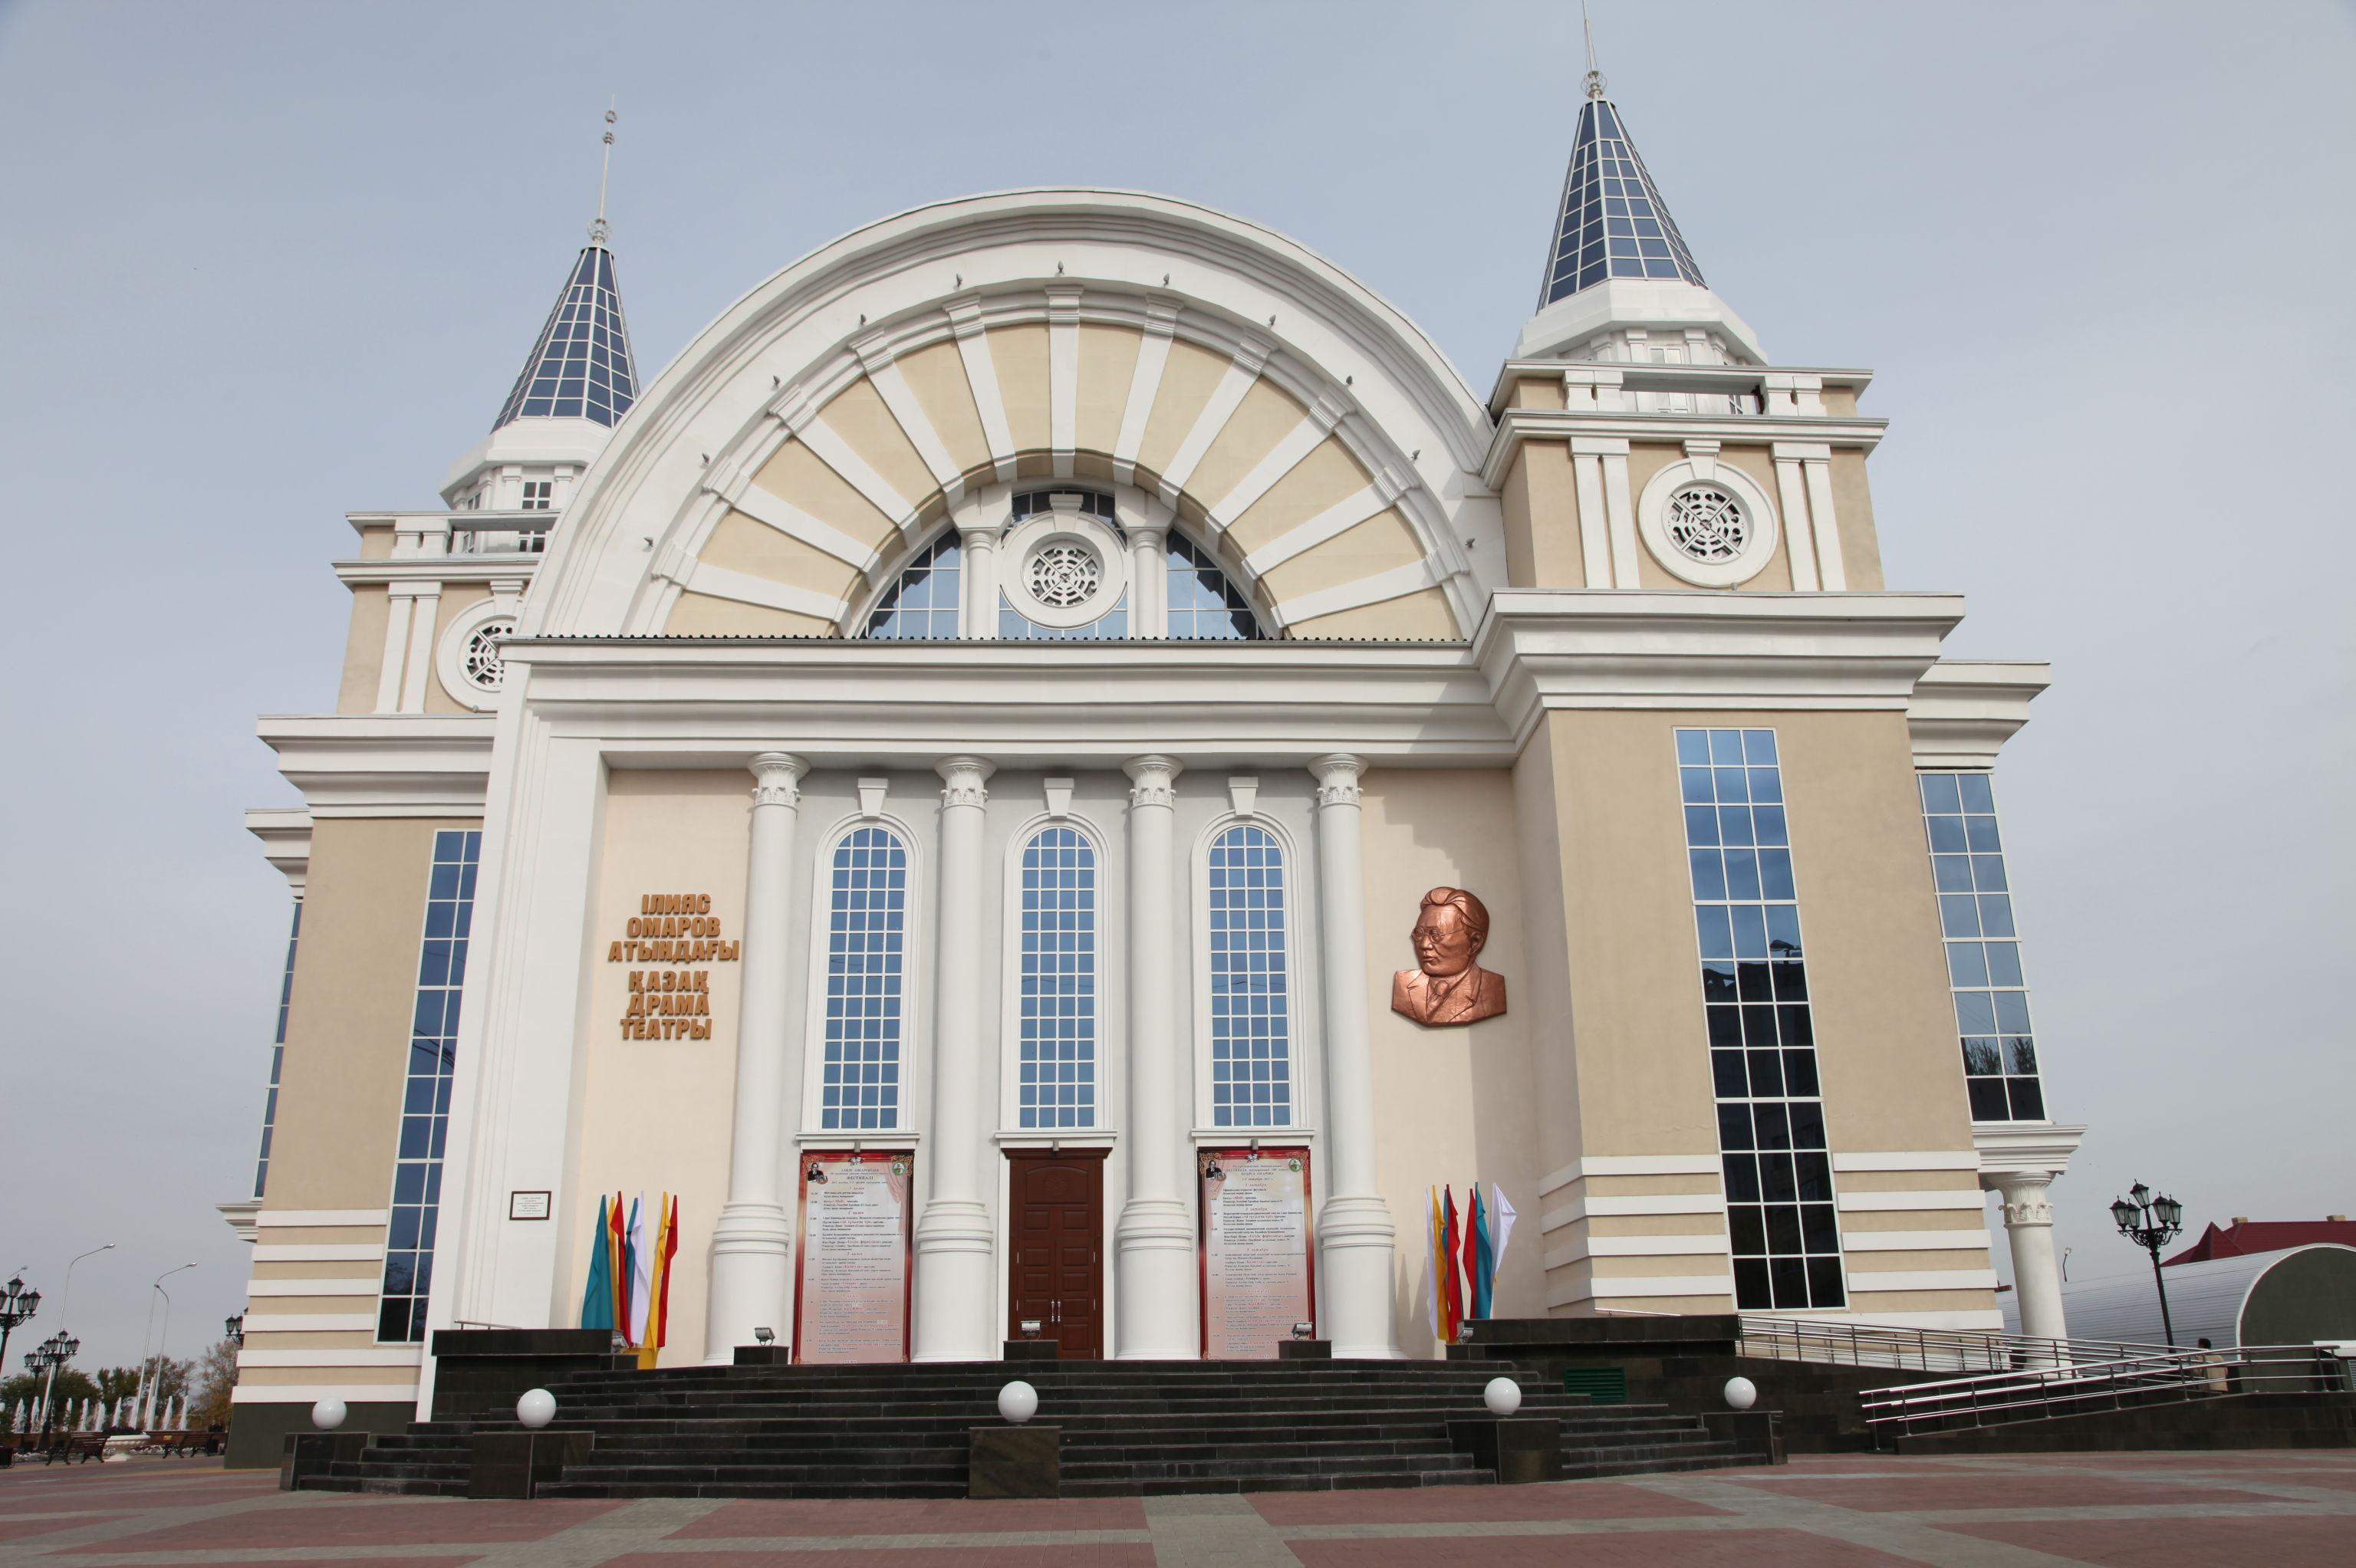 Костанайский областной казахский театр драмы имени И. Омарова